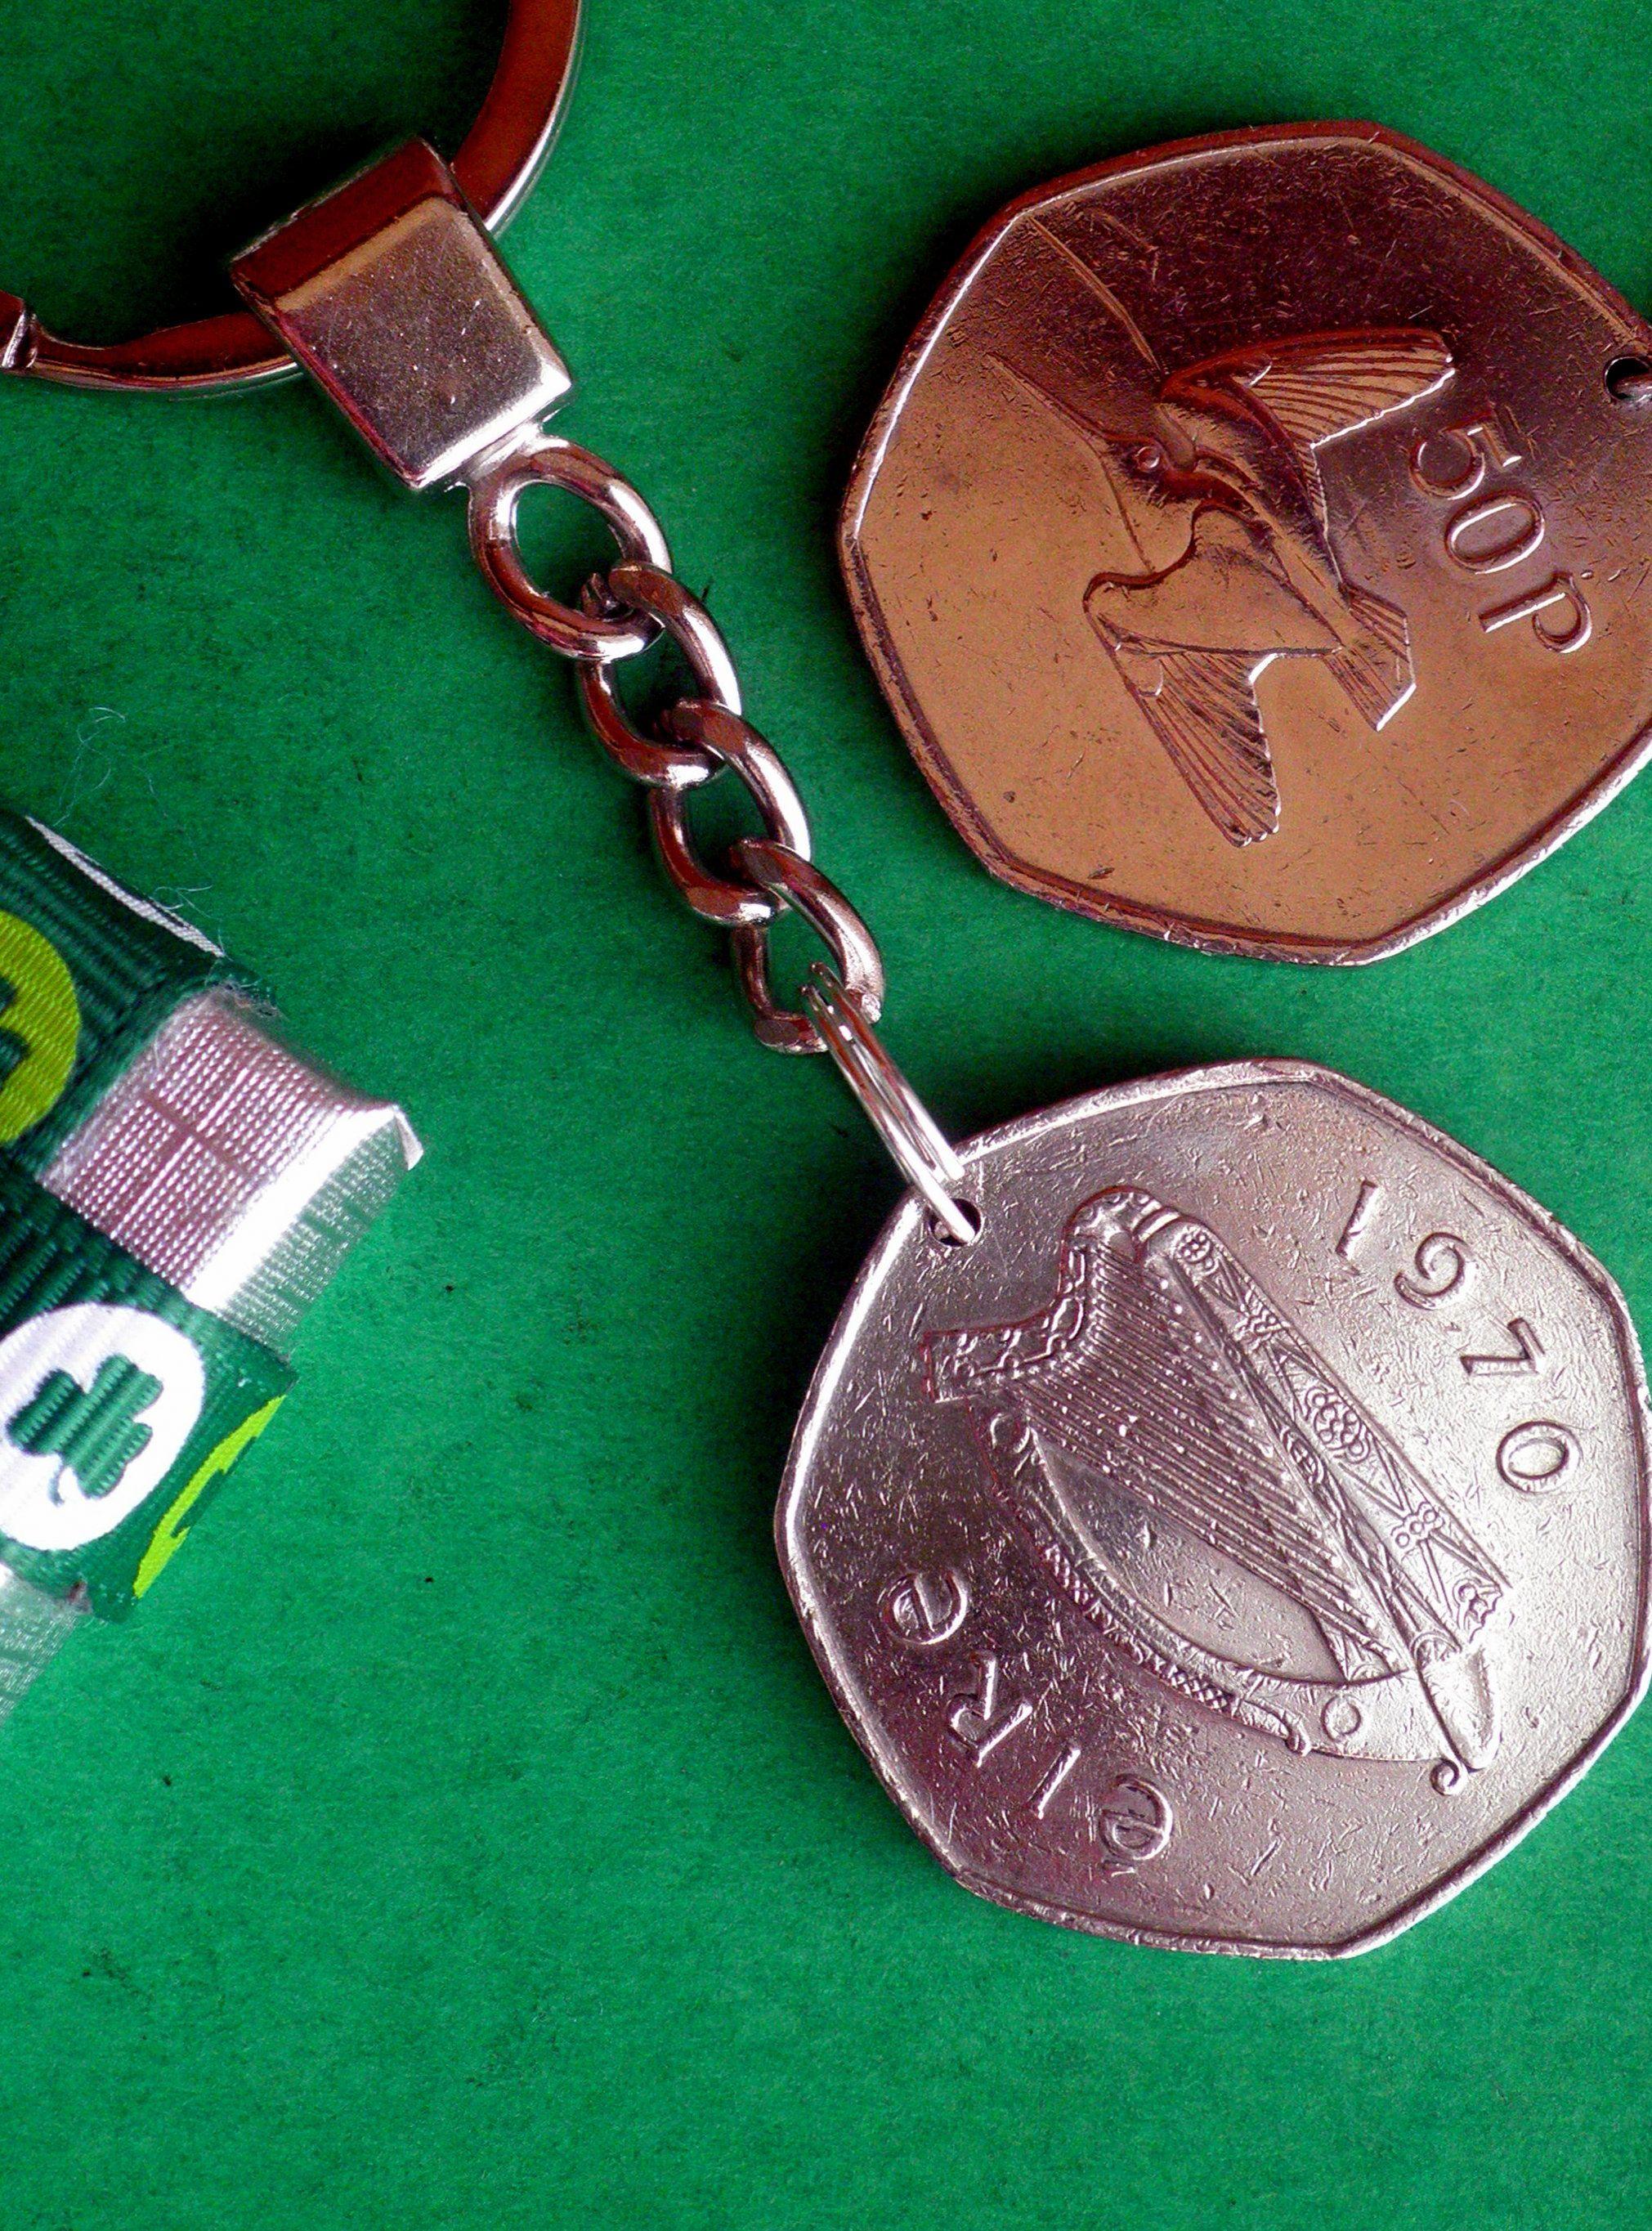 1970 Birthday coin, 50th Irish Keychain, 50th Anniversary